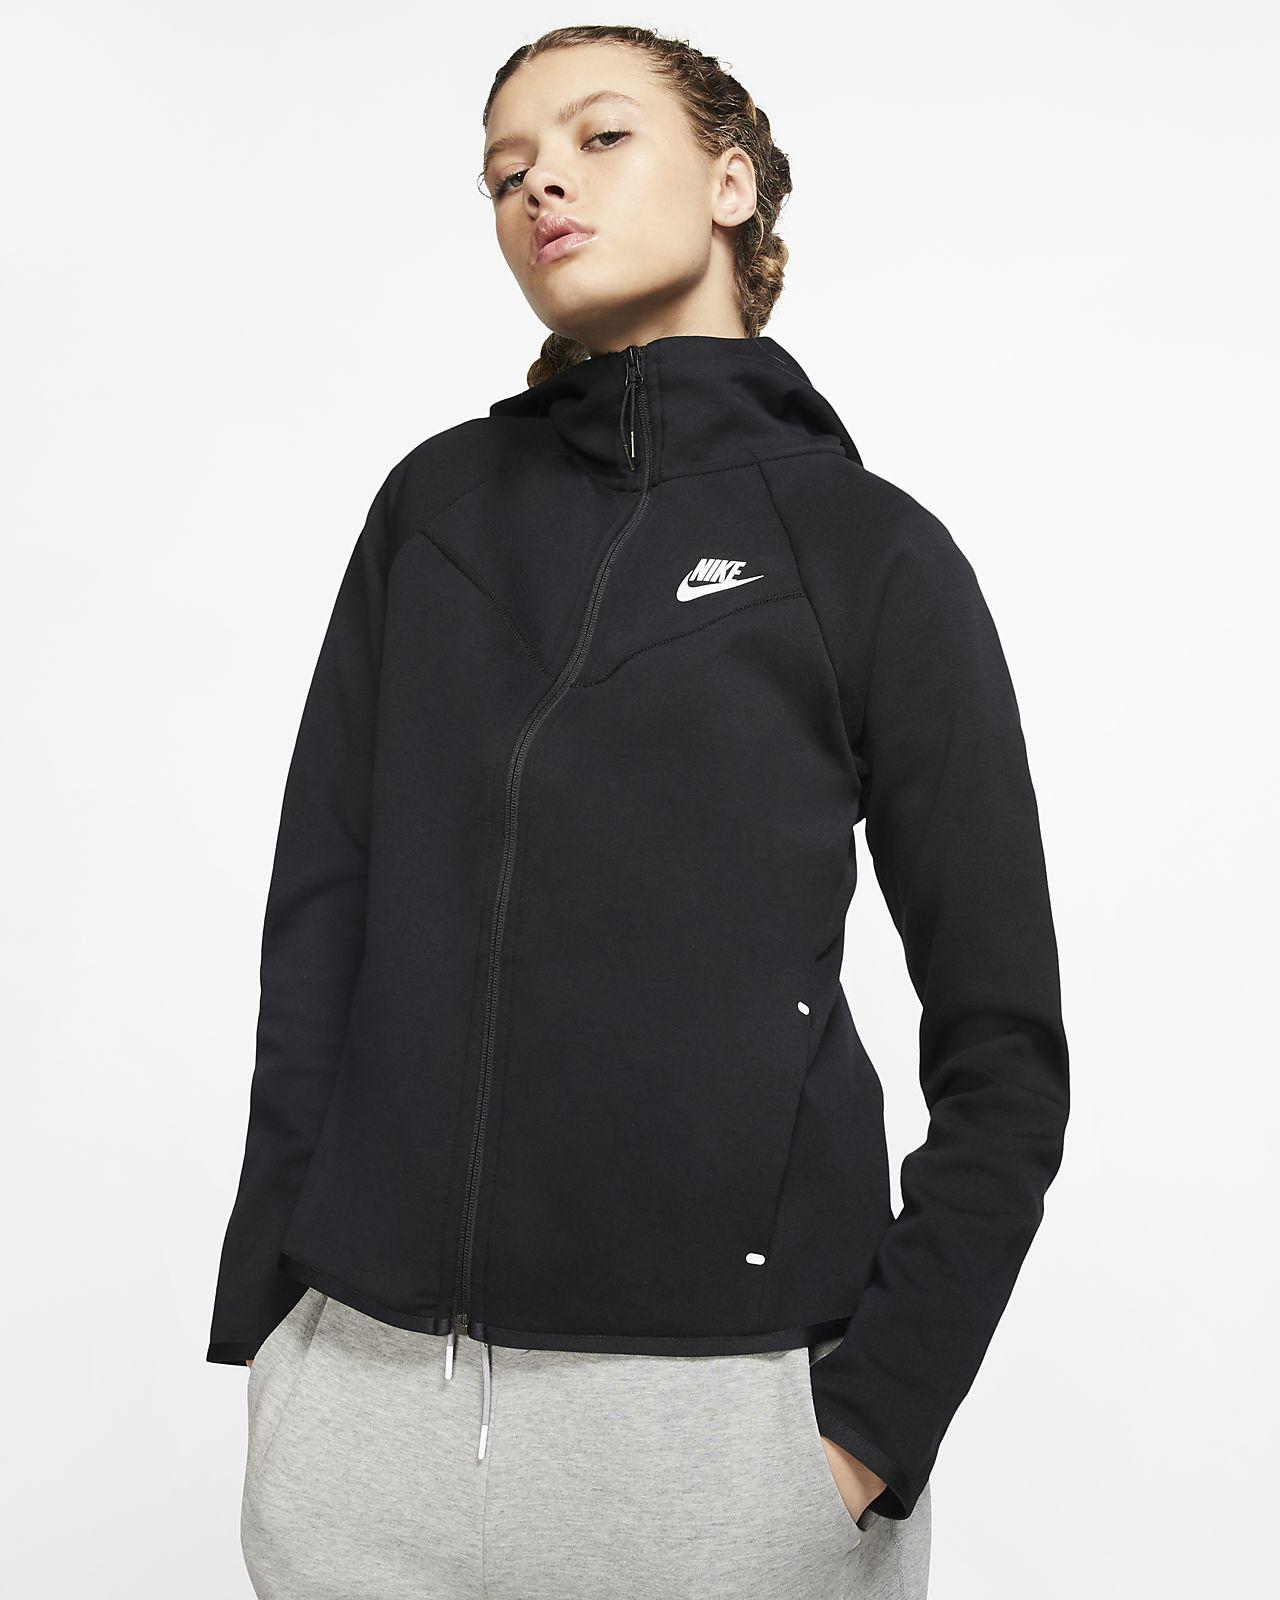 Nike Sportswear Tech Fleece Windrunner Hoodie Jacke Jungen Kinder Schwarz | eBay